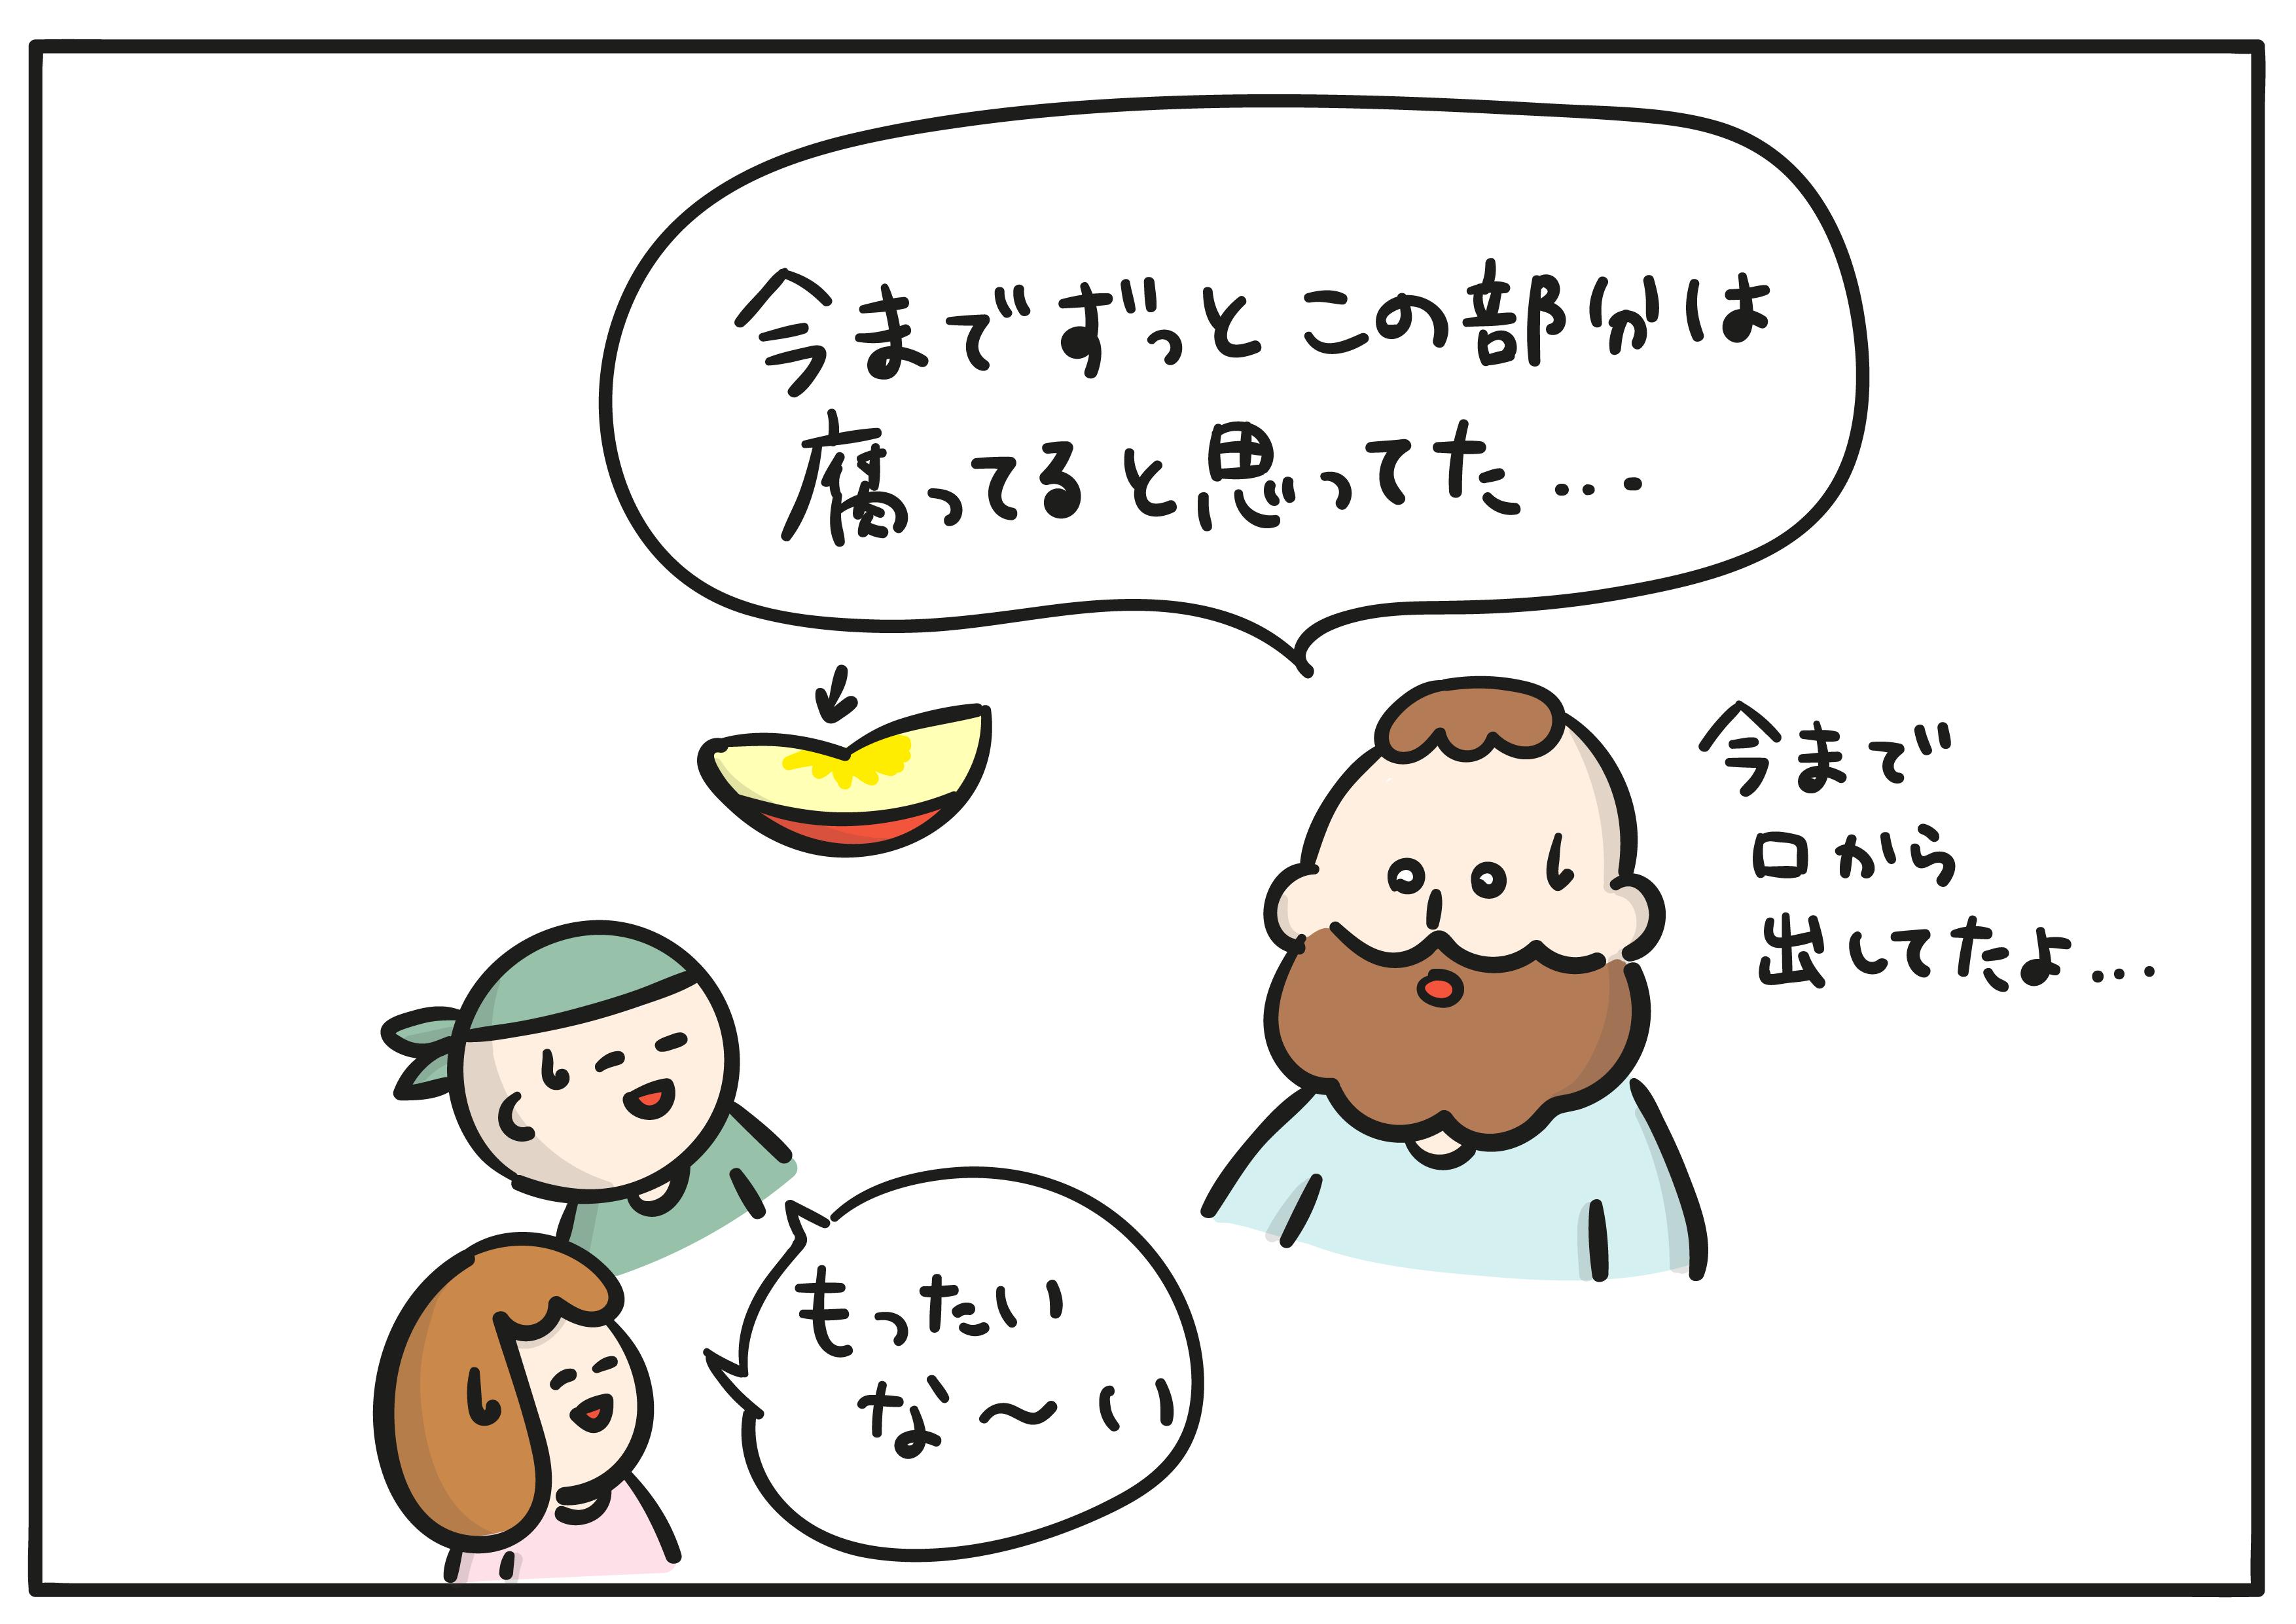 蜜入りりんご_04-01